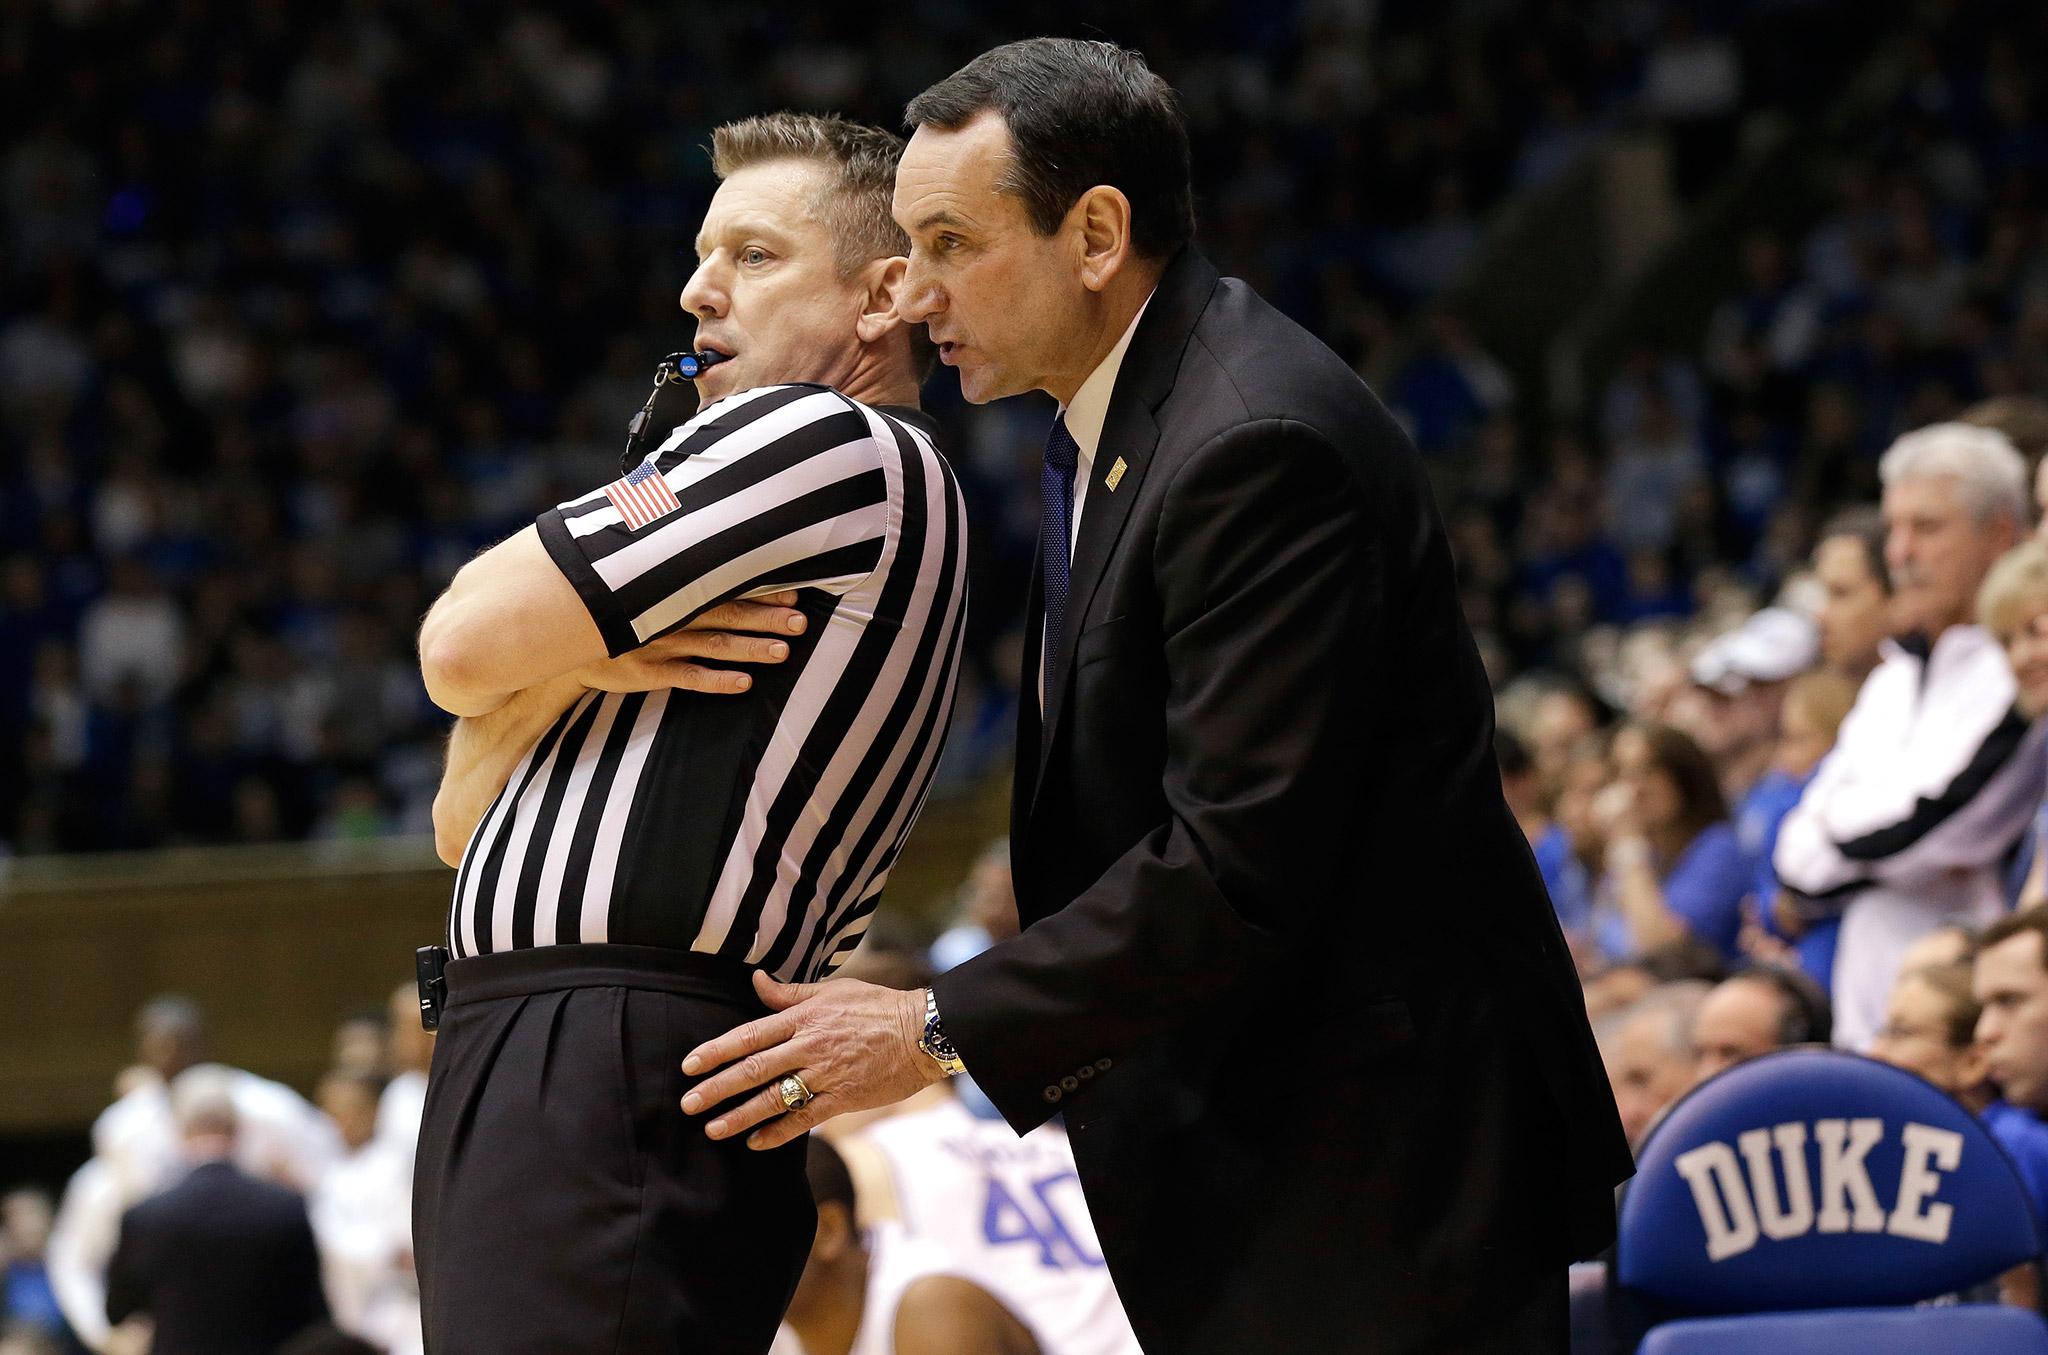 Let's Talk About This - Duke coach Mike Krzyzewski through ...